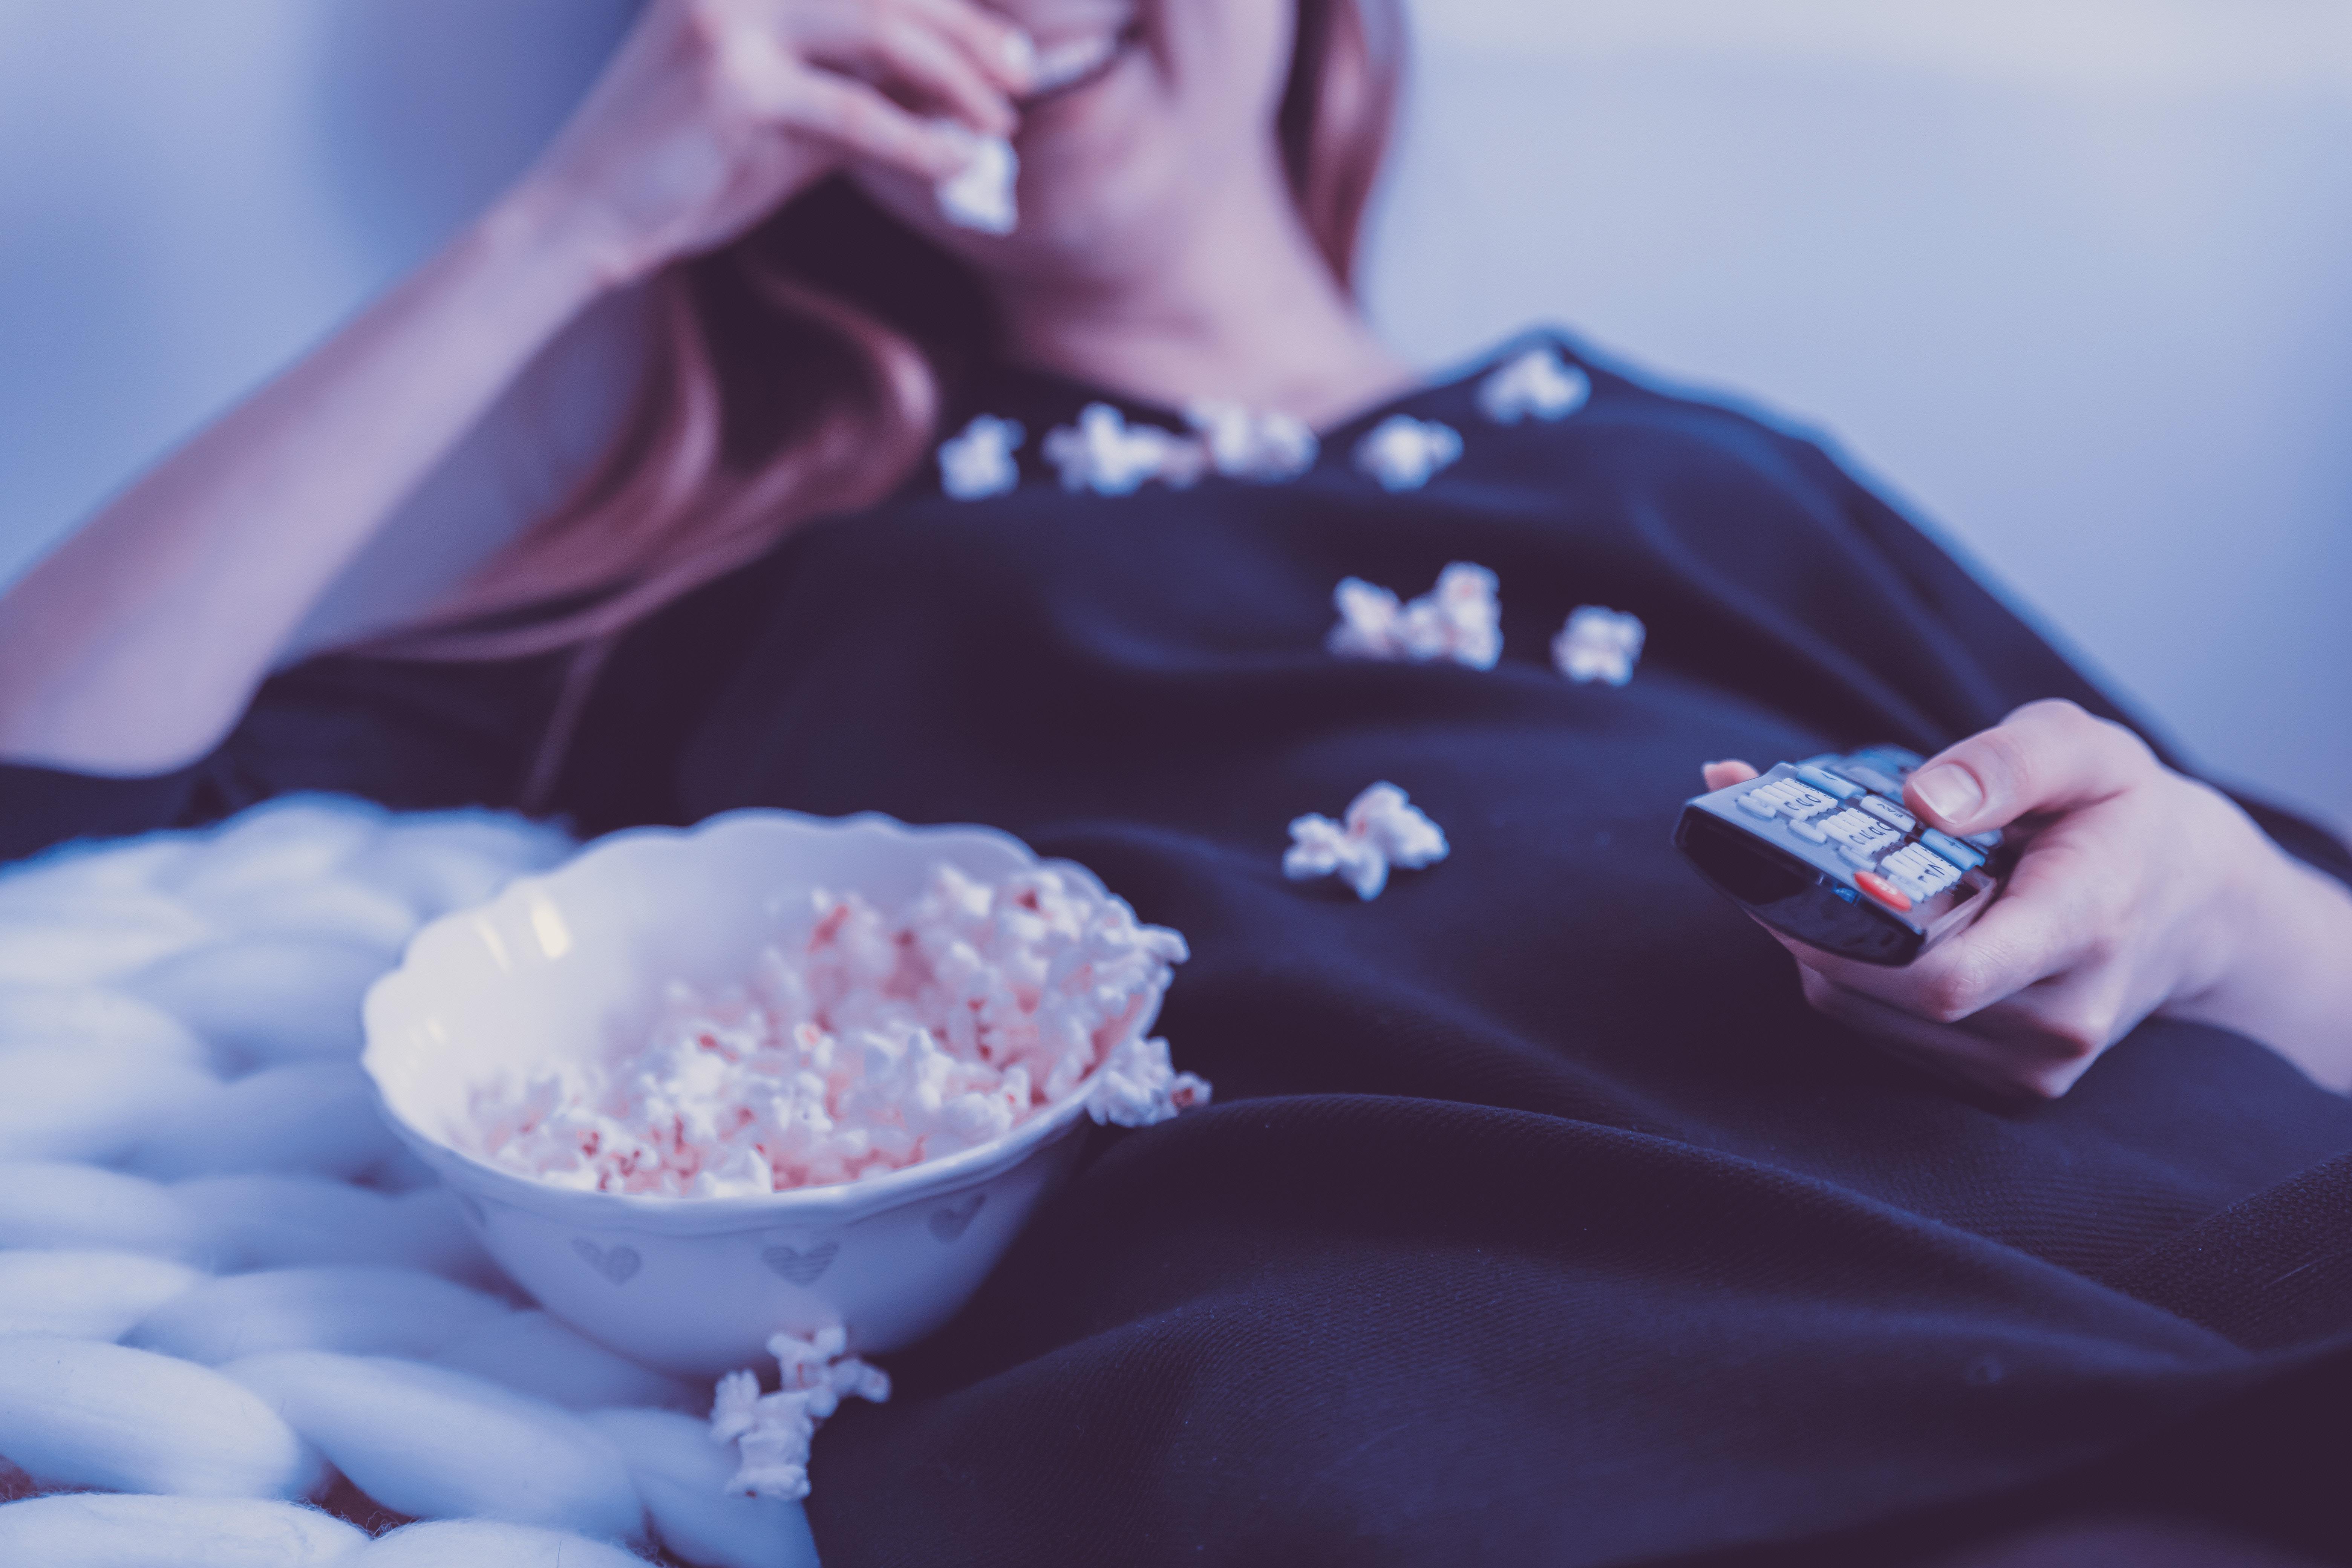 Wer krank ist, kann sich seine Zeit mit Netflix schauen vertreiben.